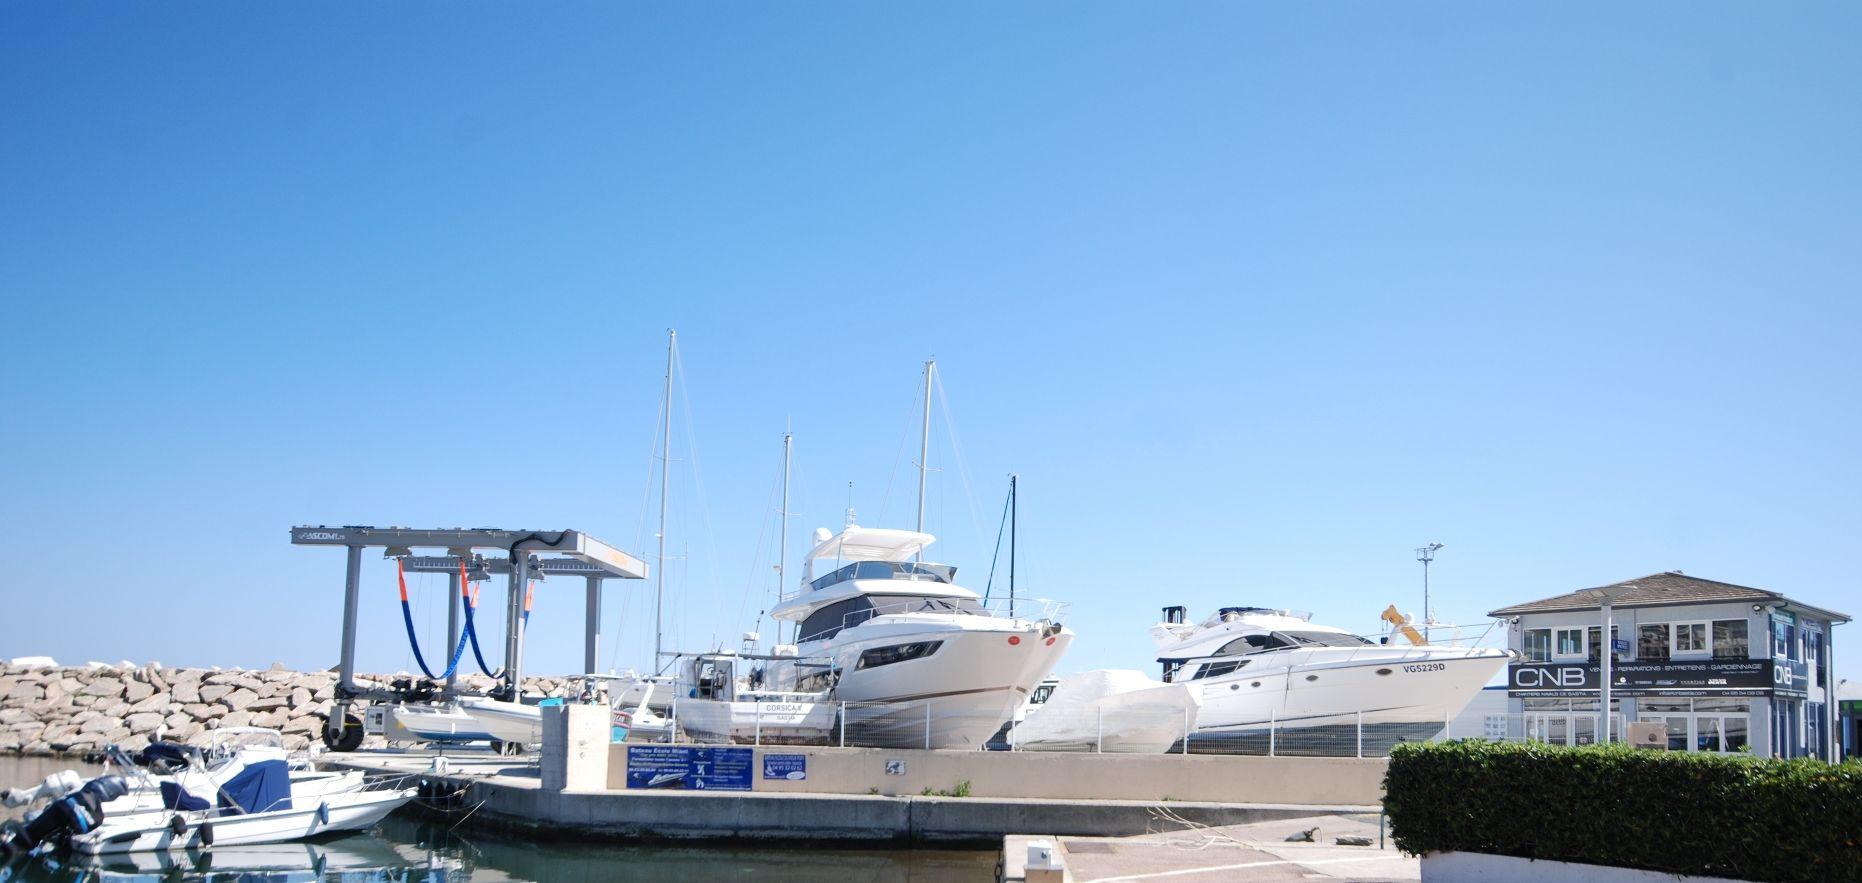 Vente et location de bateaux en corse for Vente en location